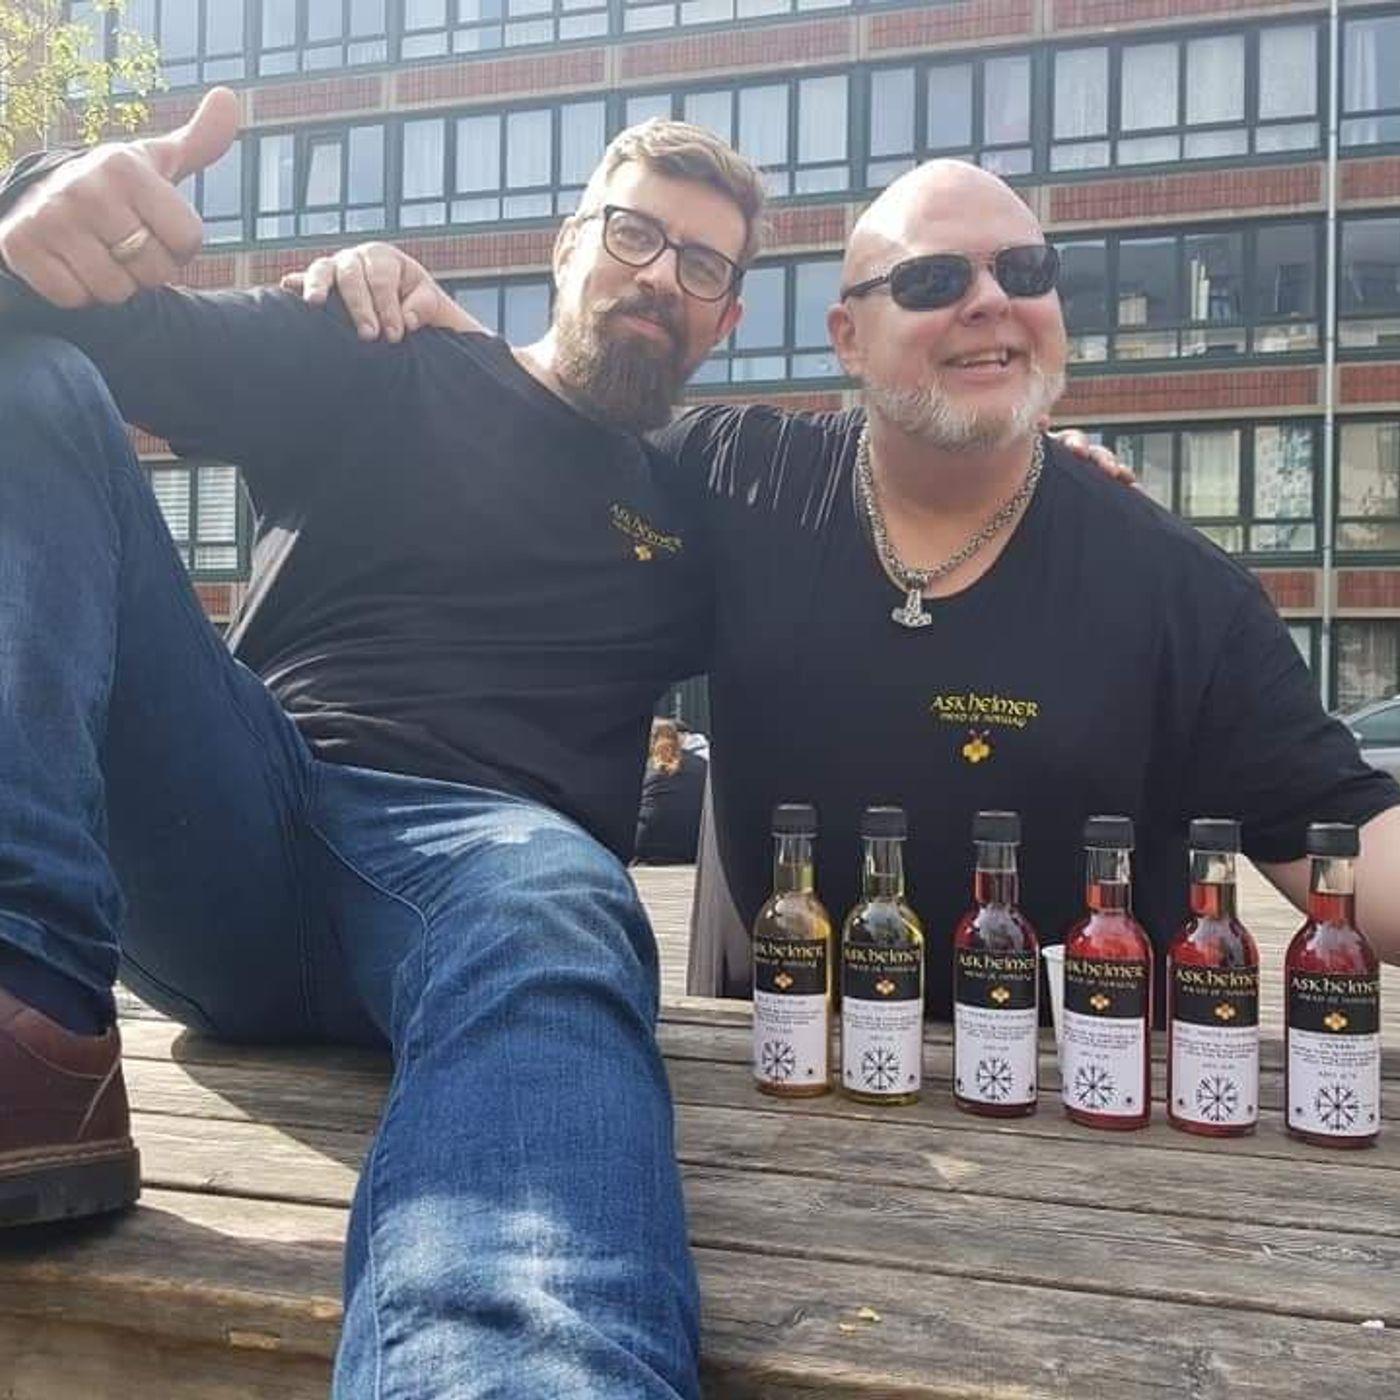 6-8-21 Anders Riseng - Askheimer Meadery in Norway - Making Norwegian Mead with Nordic Ingredients